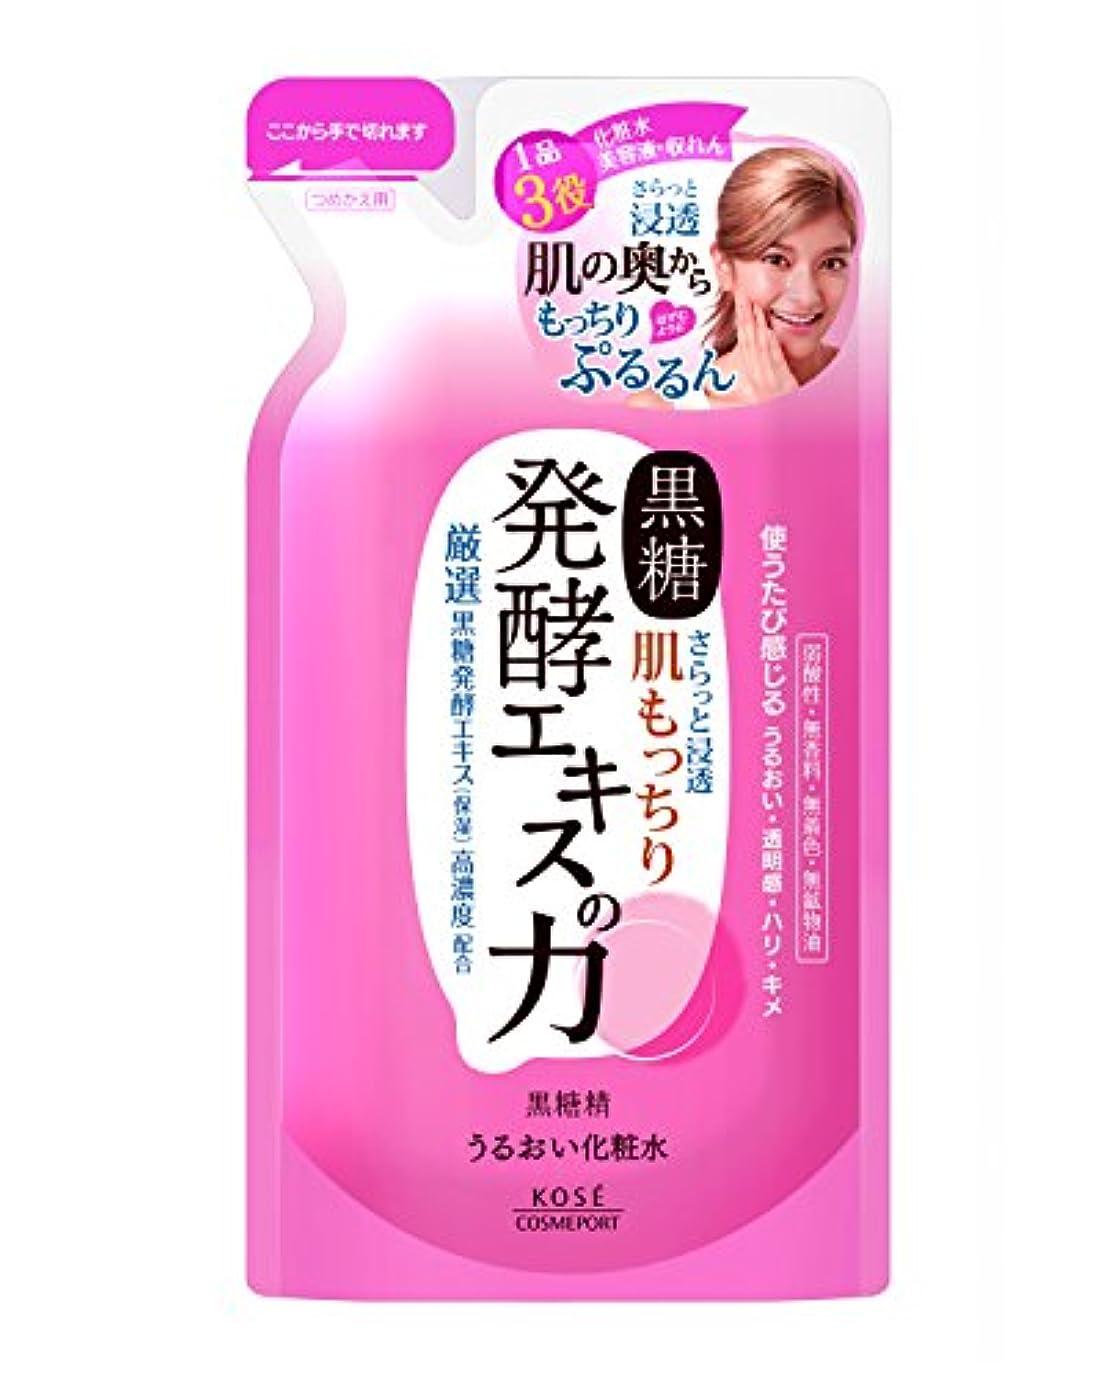 雑草西蒸留KOSE コーセー 黒糖精 うるおい化粧水  つめかえ 160ml